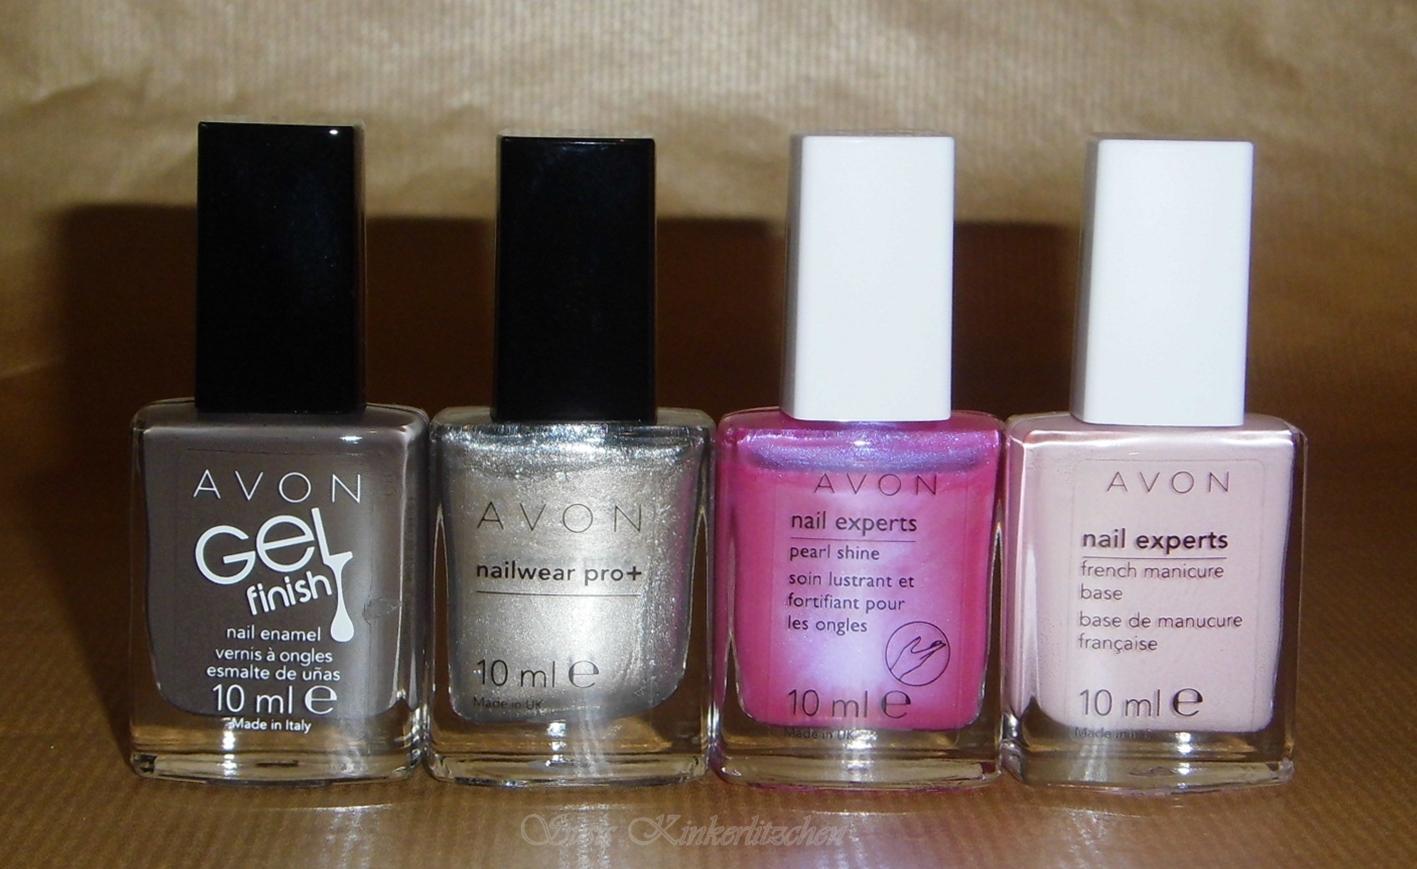 Susis Kinkerlitzchen: Mein Nagellack-Körbchen im Februar